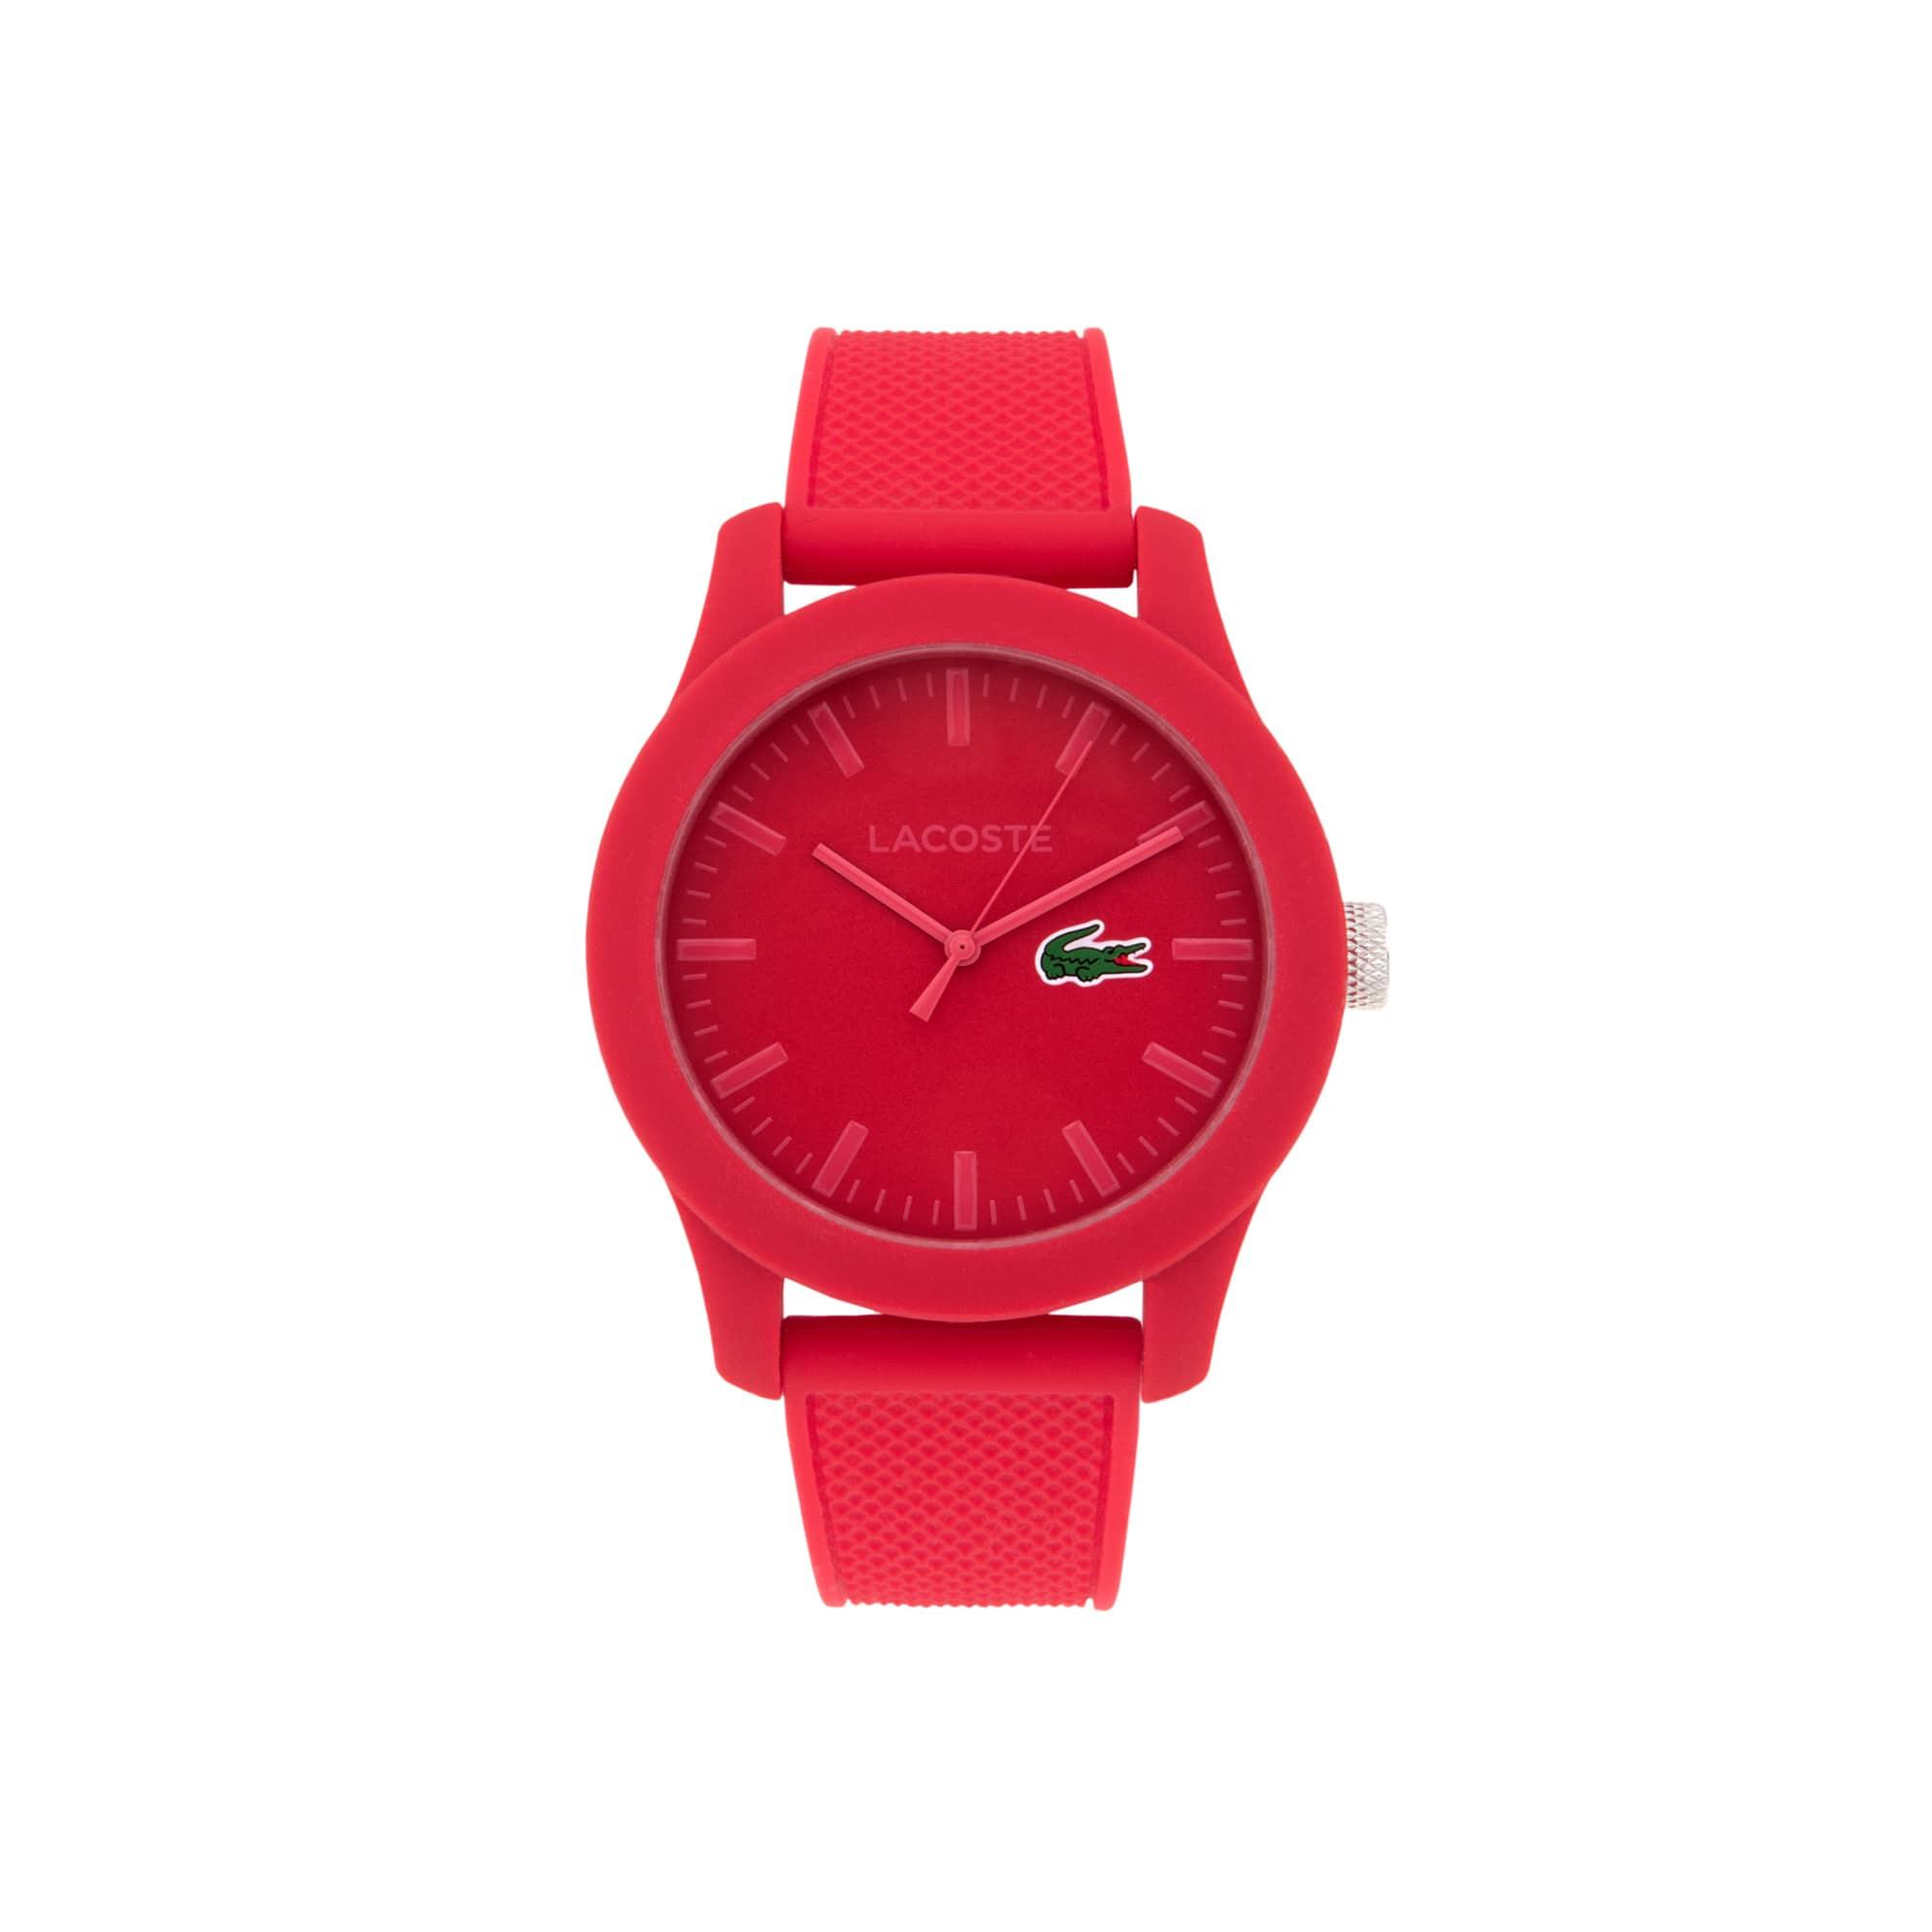 Montre Lacoste.12.12 Homme avec Bracelet en Silicone Rouge